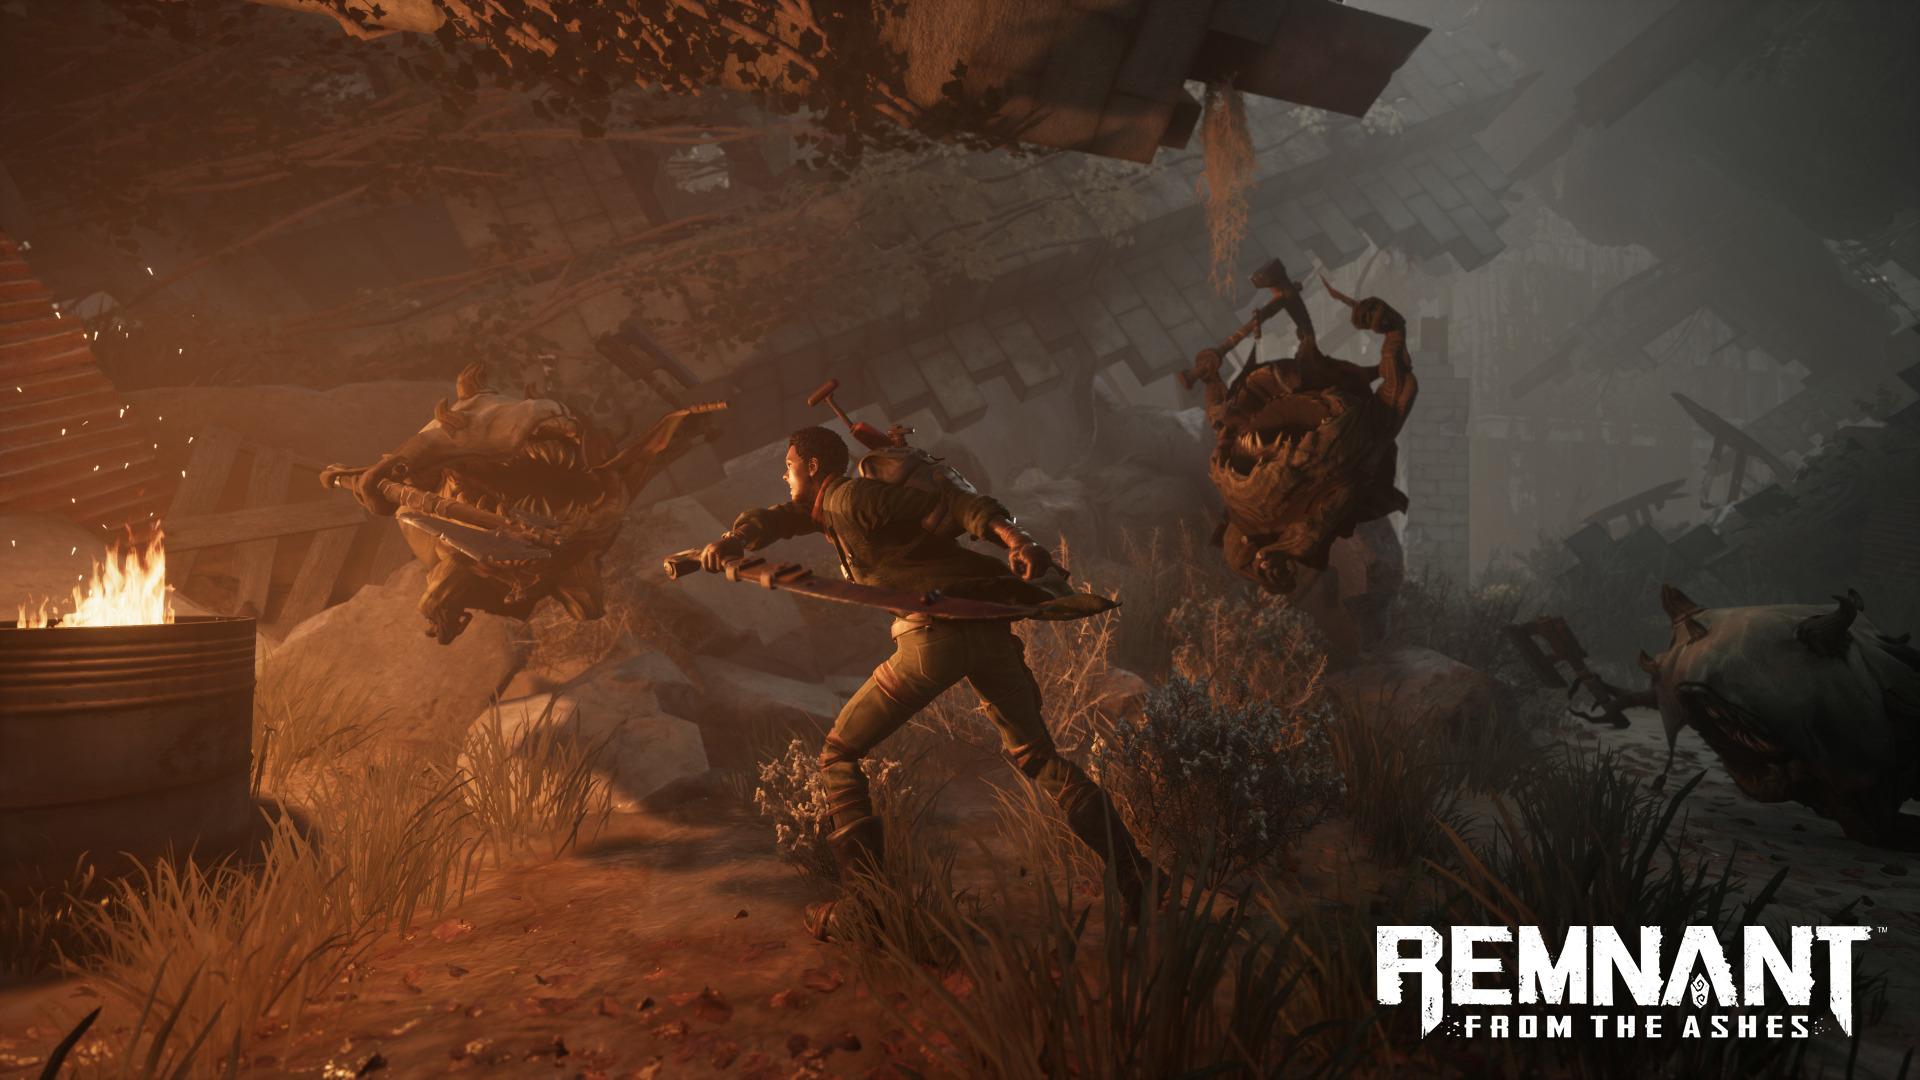 《遗迹:灰烬重生》最新截图 手持大枪锤子猛击怪物